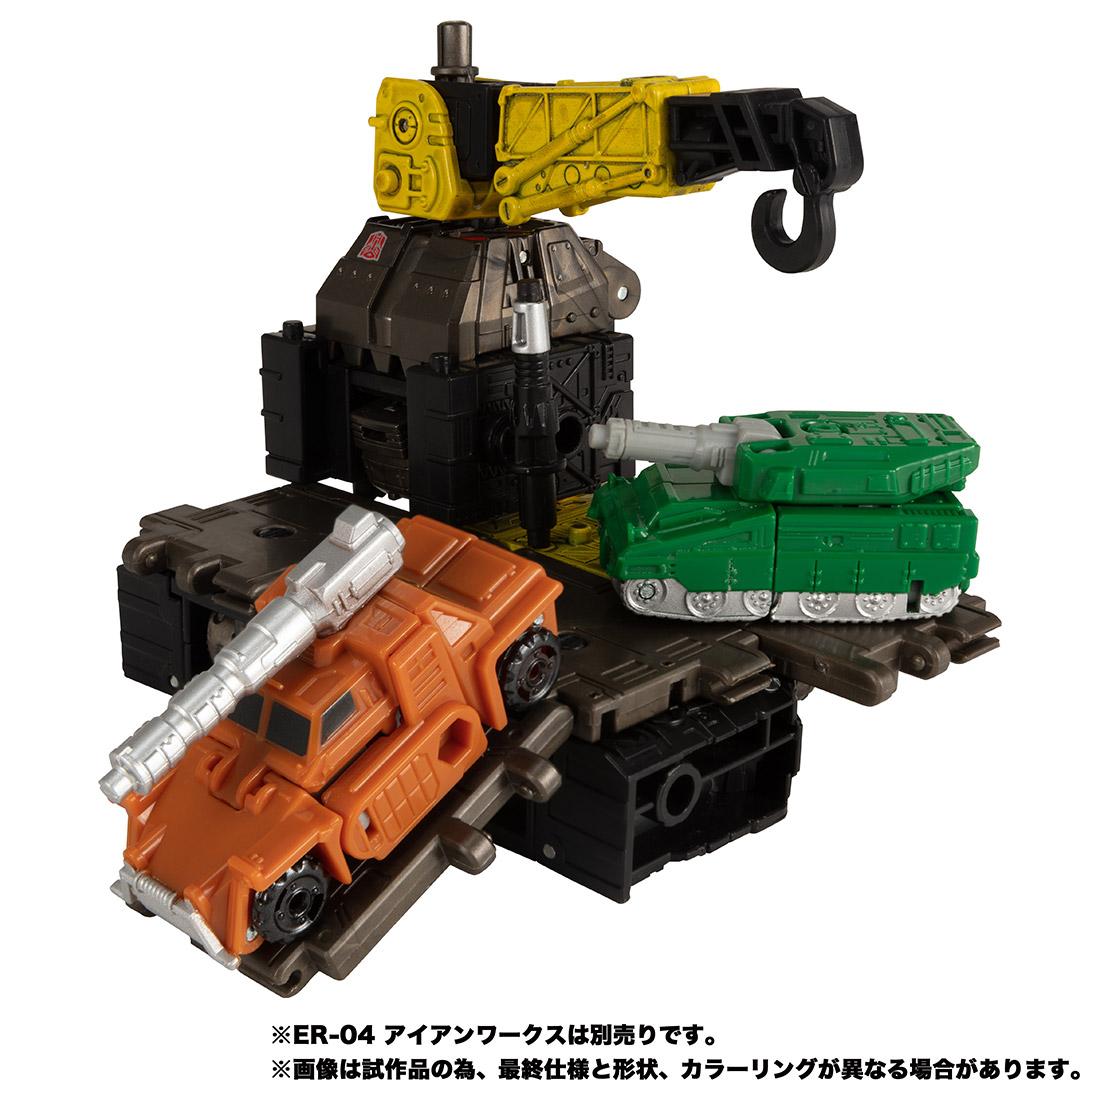 【限定販売】トランスフォーマー アースライズ『ER EX-04 ボムショック&グラウル』可変可動フィギュア-003